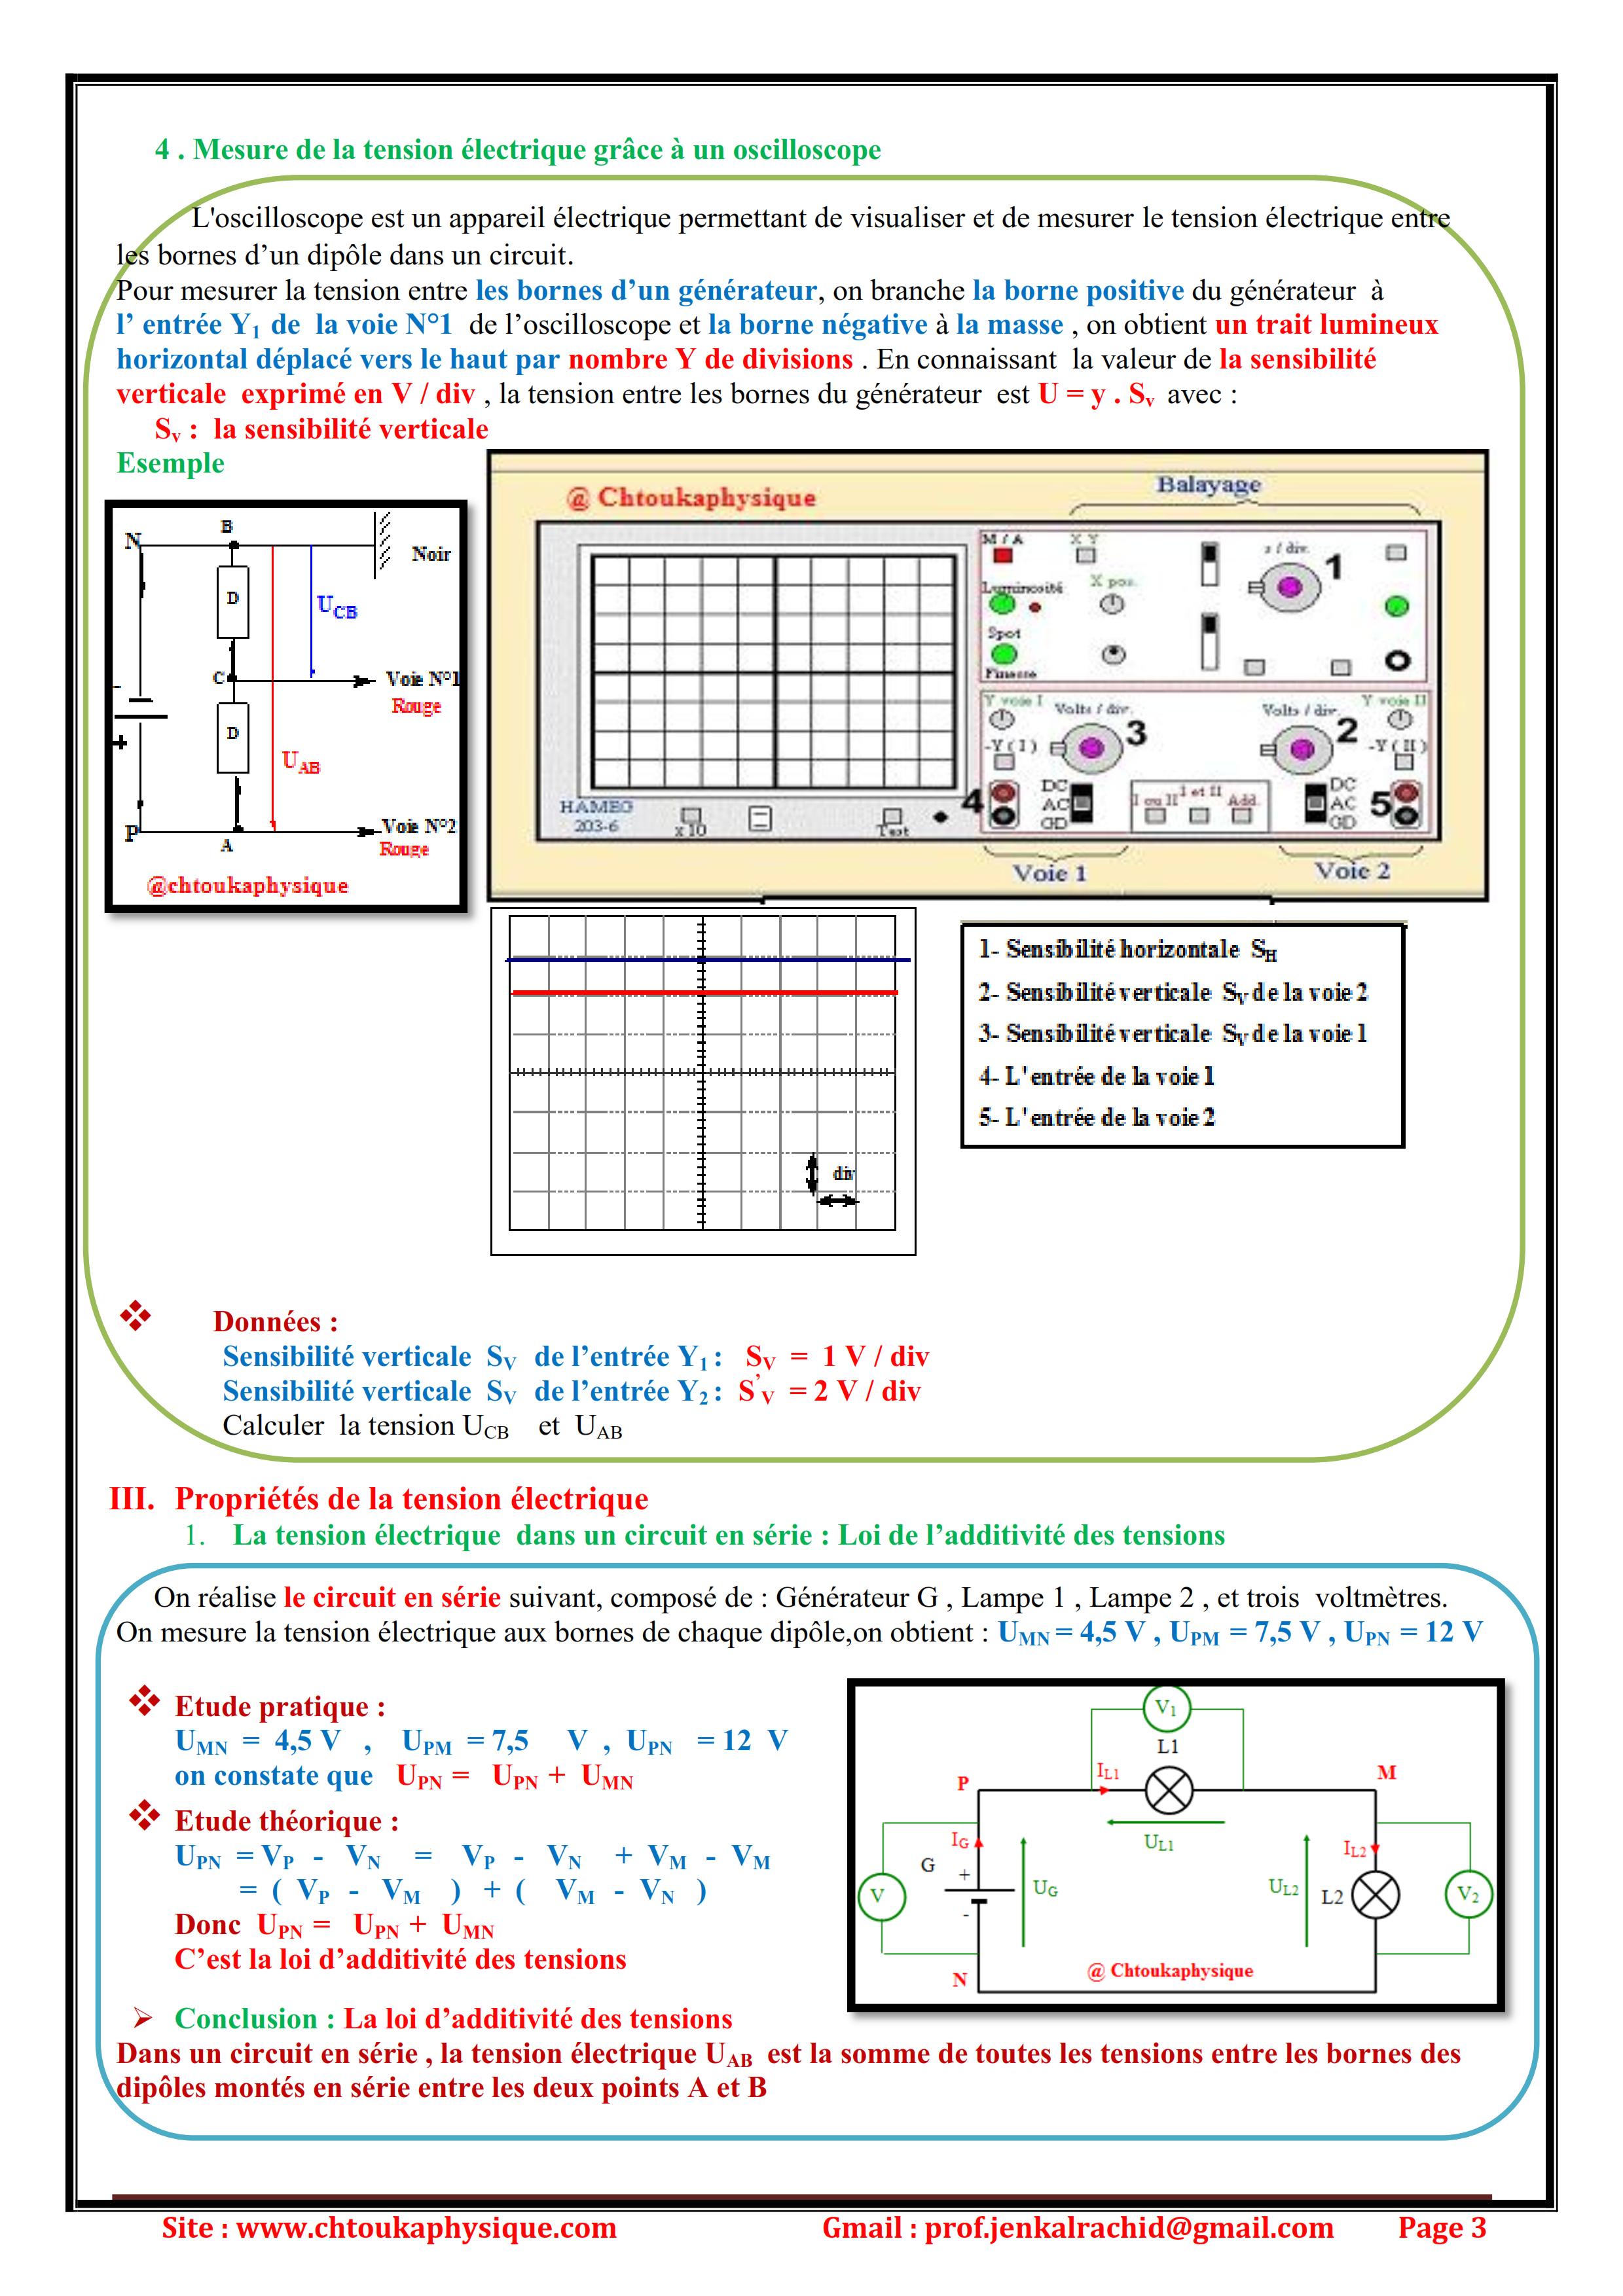 Chapitre 9  , La tension électrique , Cours , Activités , Exercices d'application  , TCS BIOF  Réalisé par Prof JENKAL RACHID